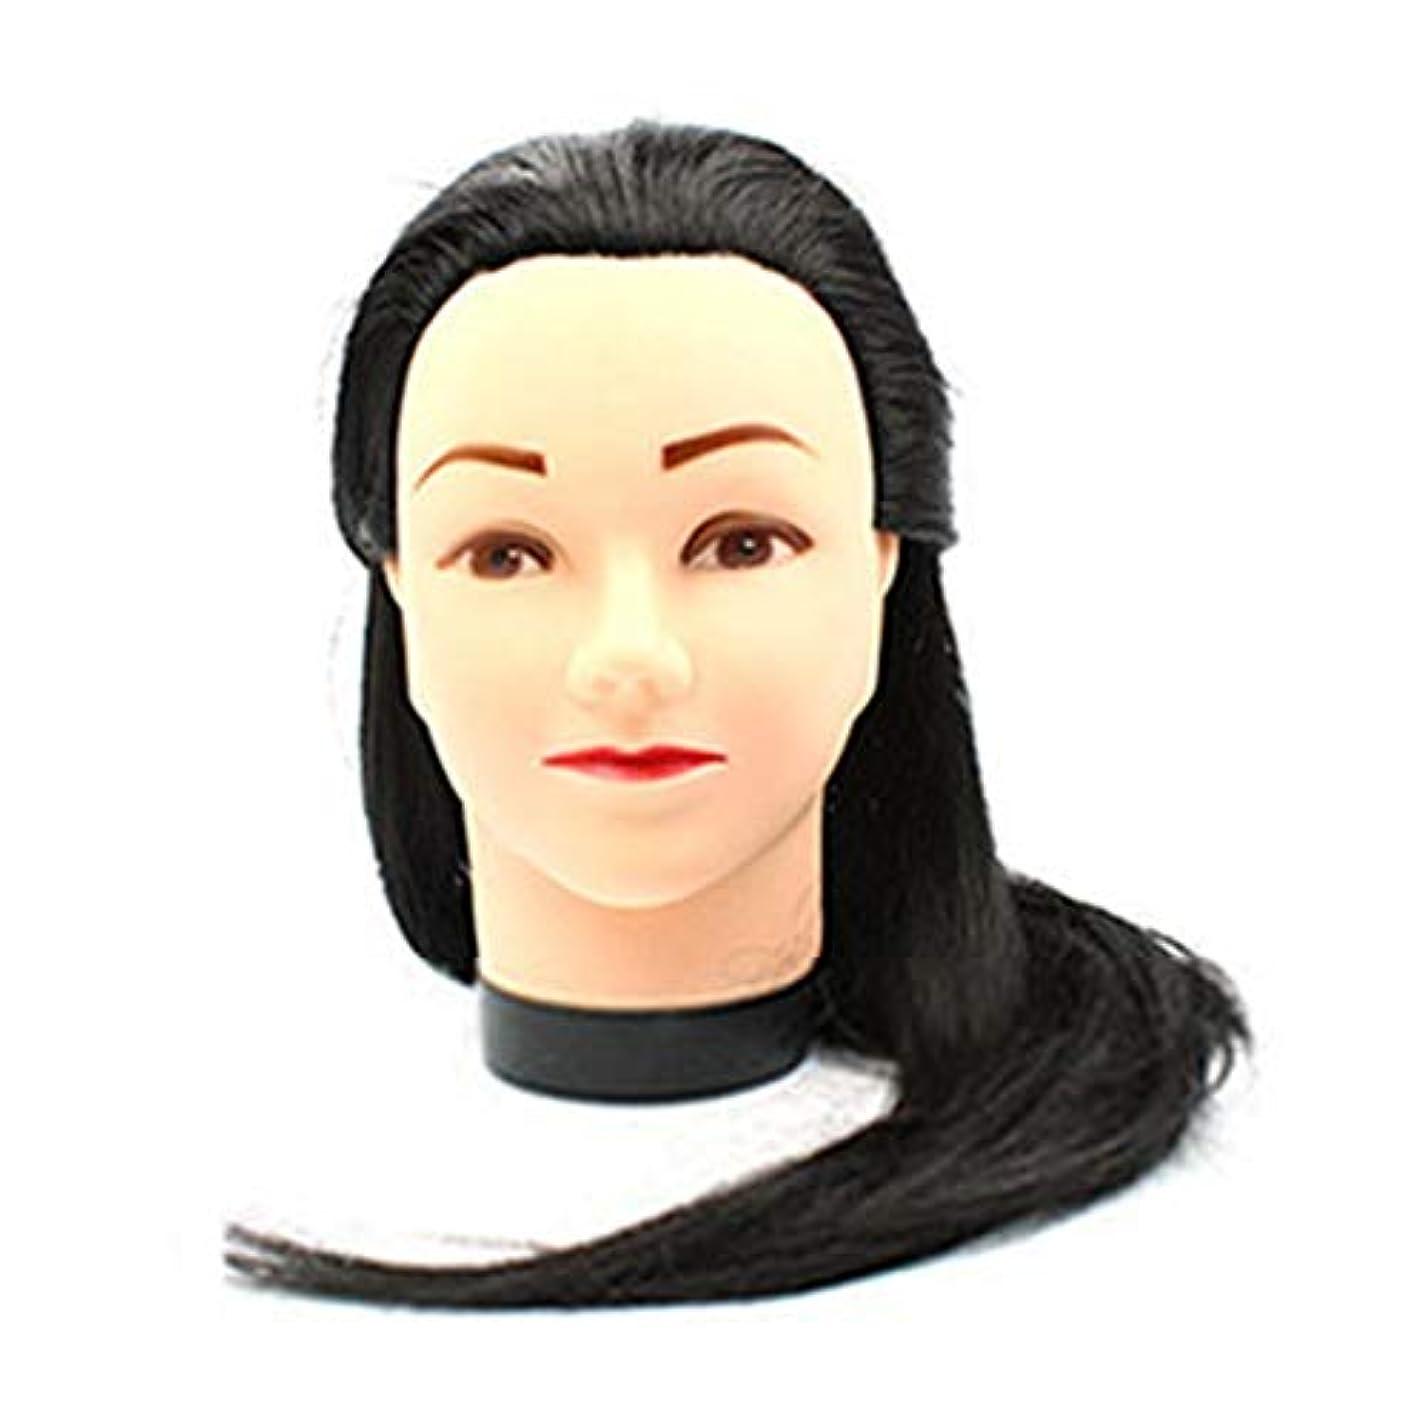 長いですブレーク飲み込む低温繊維かつらヘッドモールドメイクヘアスタイリングヘッドヘアーサロントレーニング学習ヘアカットデュアルユースダミー人間の頭